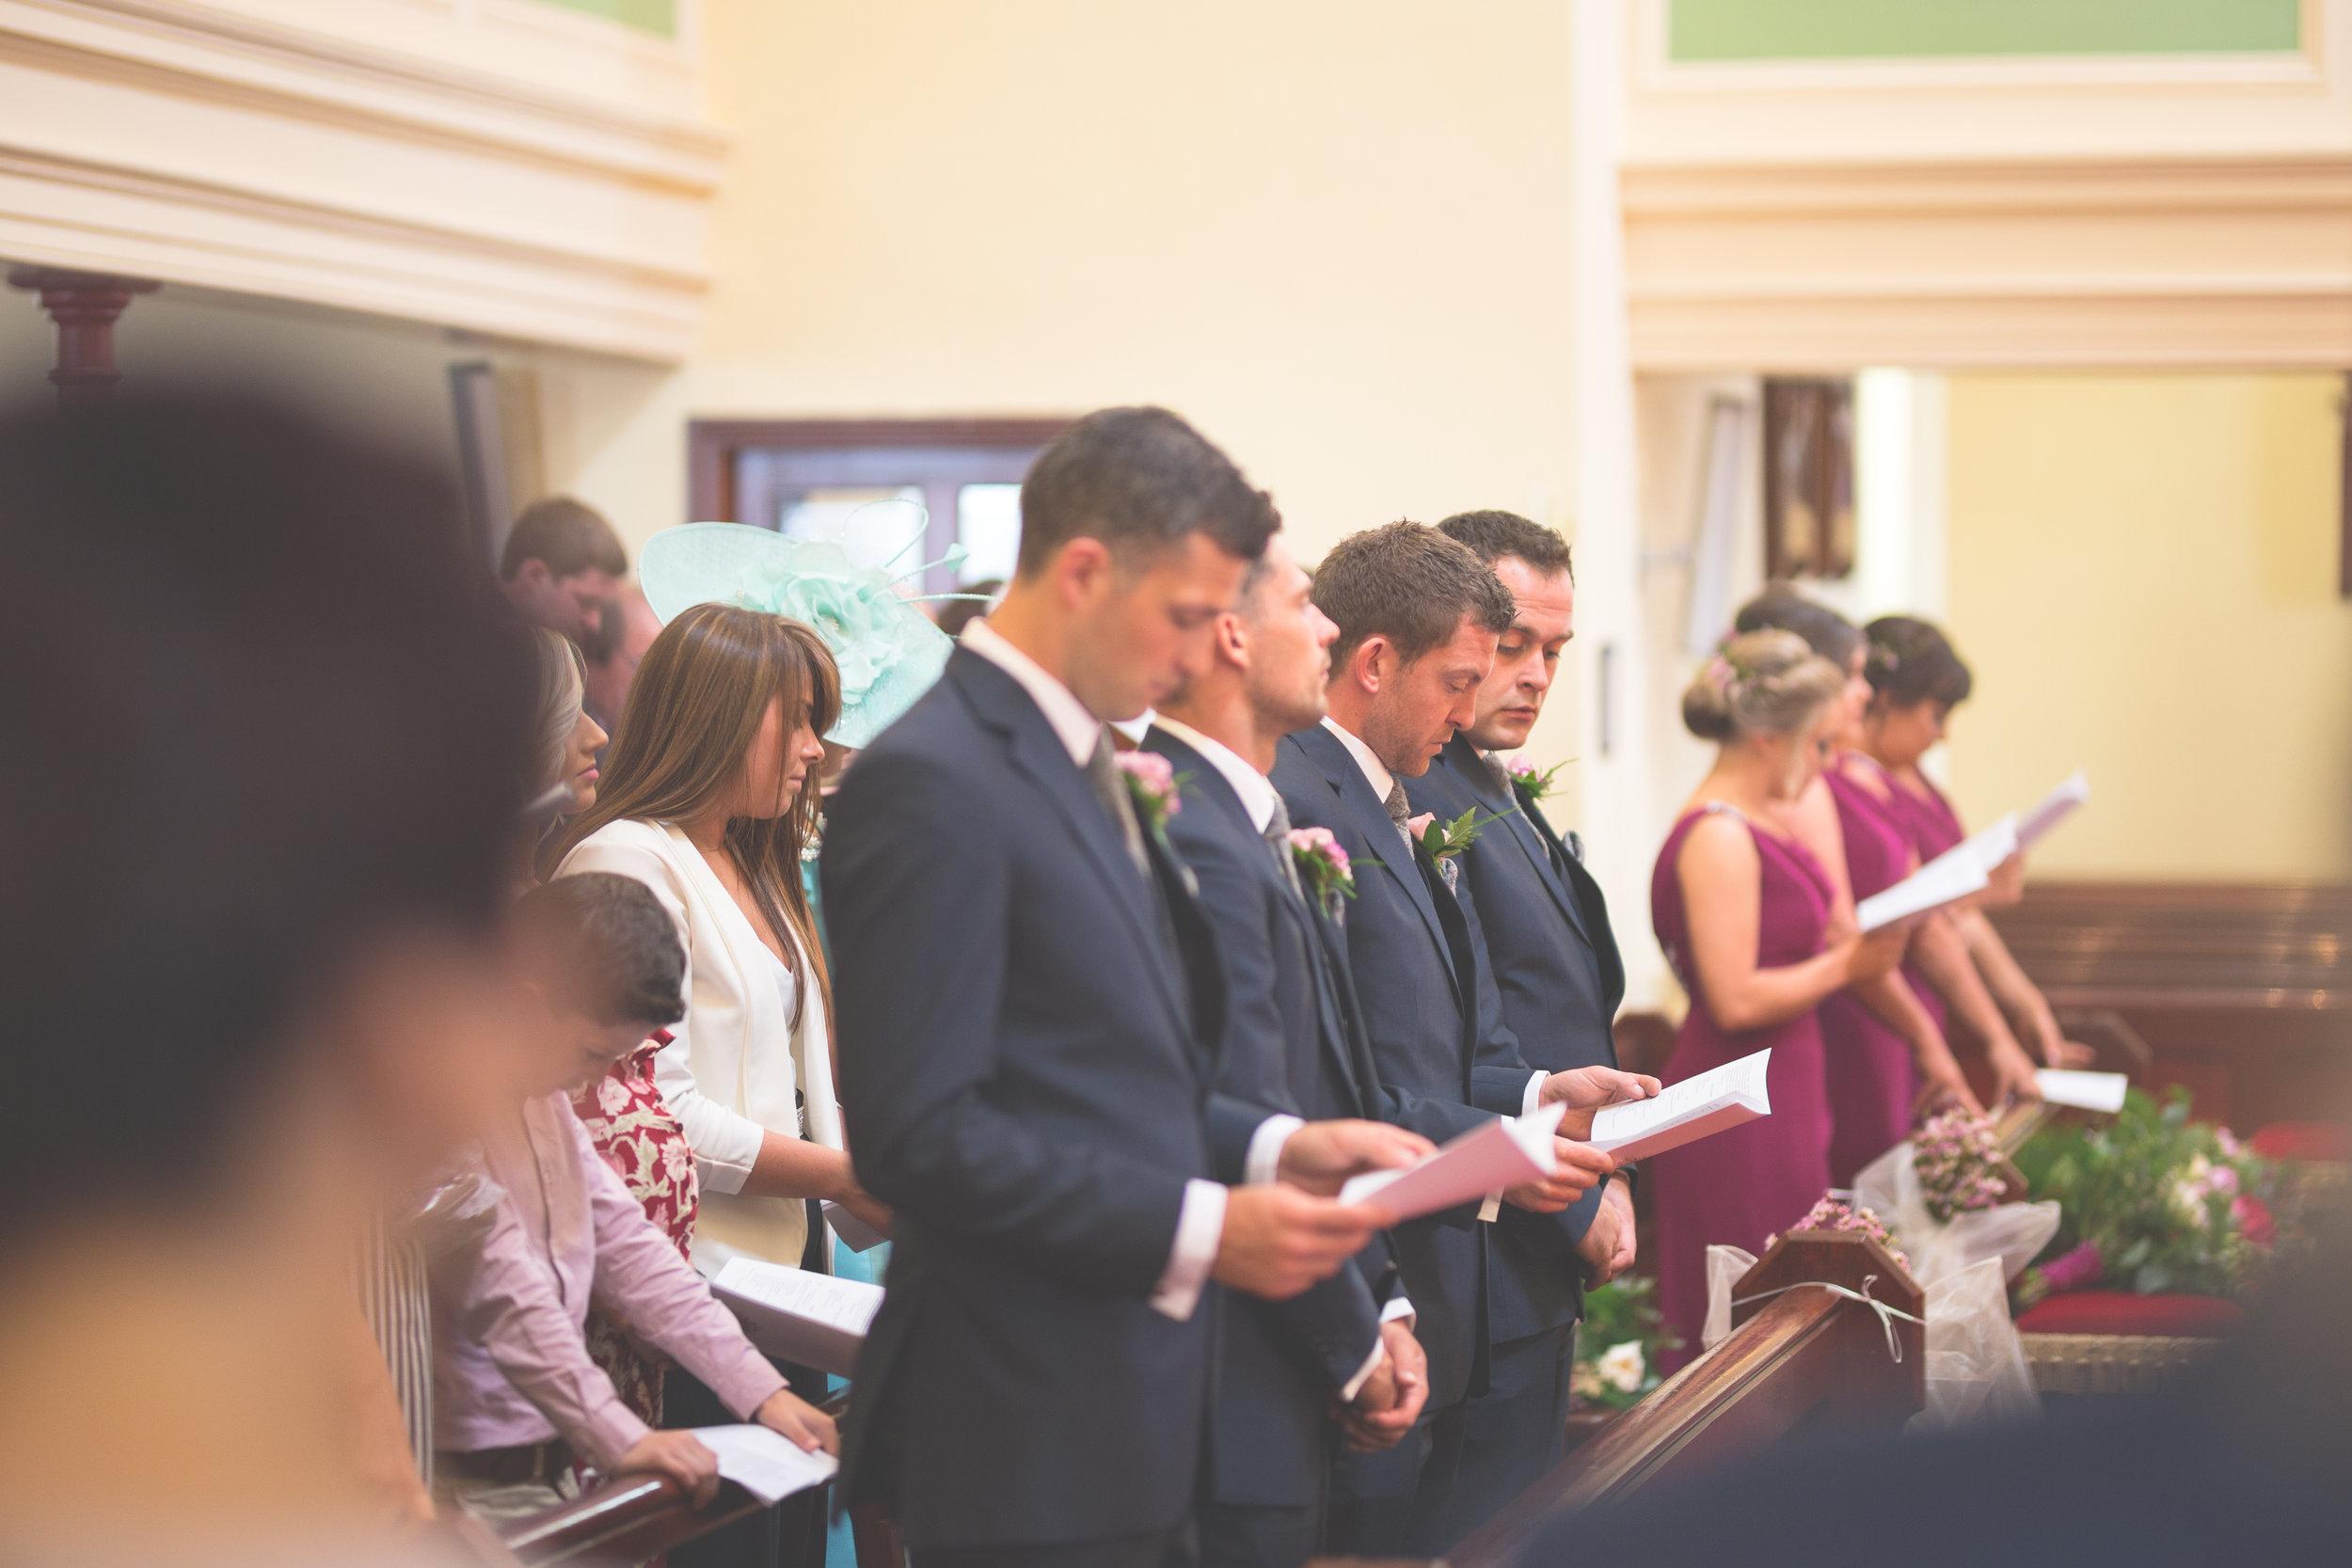 Brian McEwan Wedding Photography   Carol-Anne & Sean   The Ceremony-38.jpg